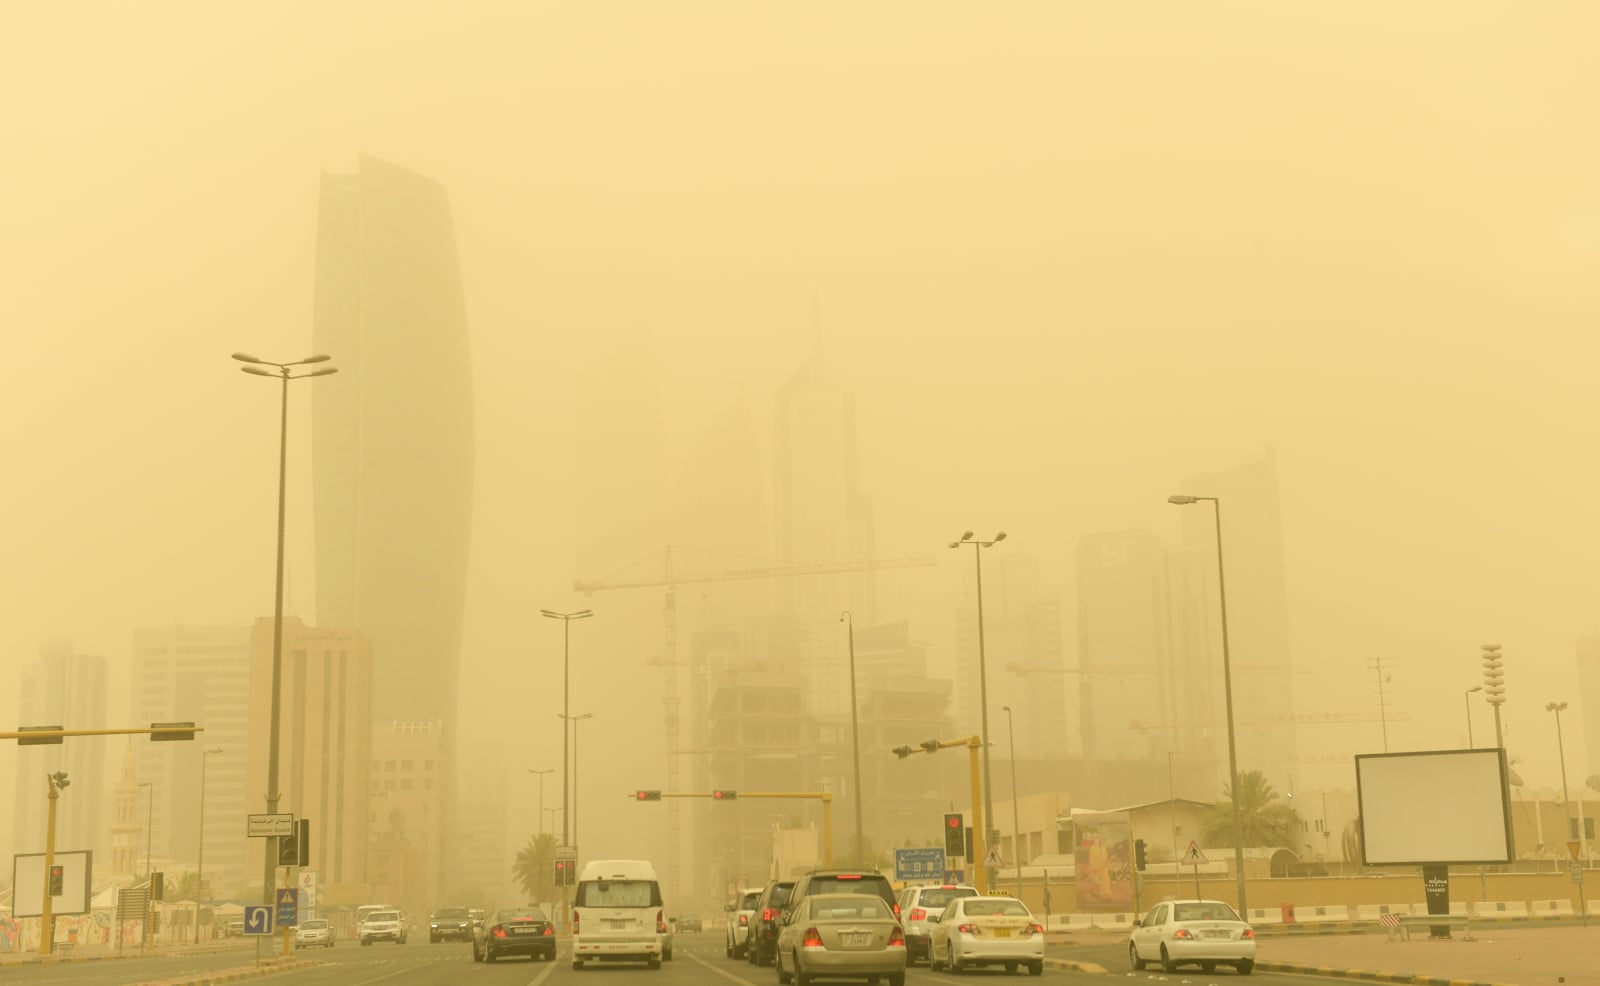 Burza piaskowa w Kuwejcie EPA/NOUFAL IBRAHIM